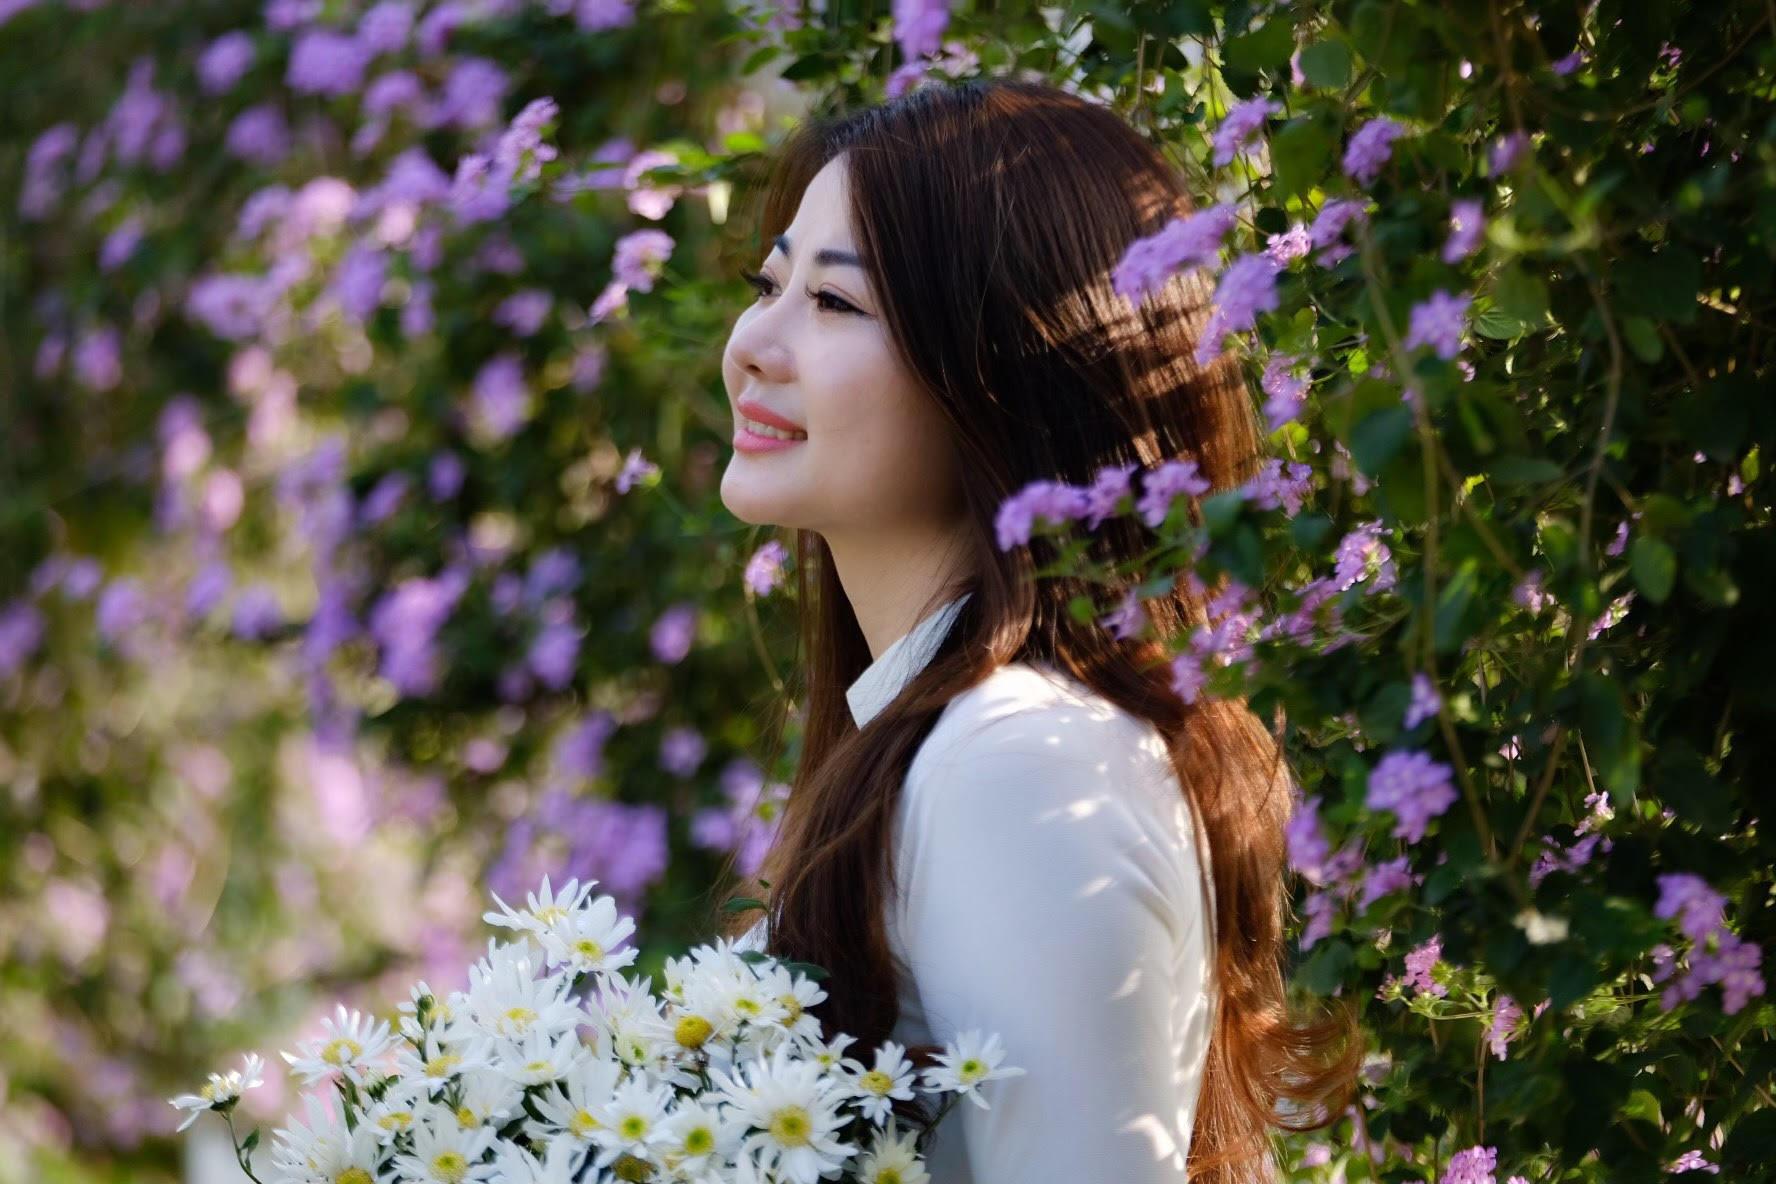 Địa điểm check-in các loài hoa đẹp bậc nhất trên thế giới nằm giữa lòng Hà Nội - Ảnh 7.